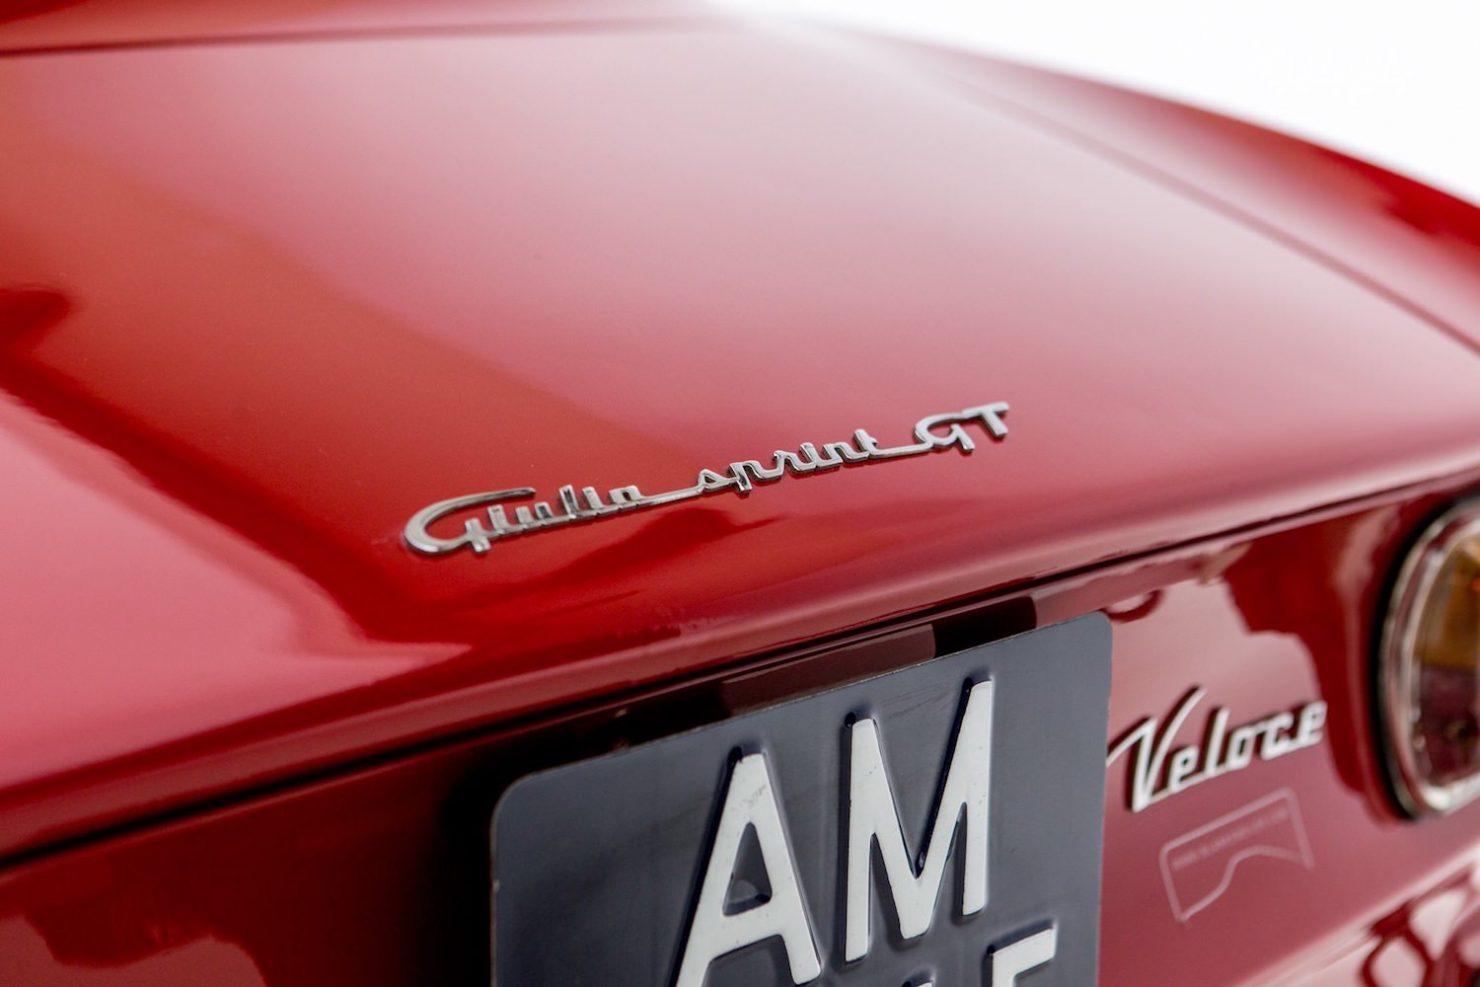 alfa romeo sprint gt veloce 20 1480x987 - 1967 Alfa Romeo Sprint GT Veloce